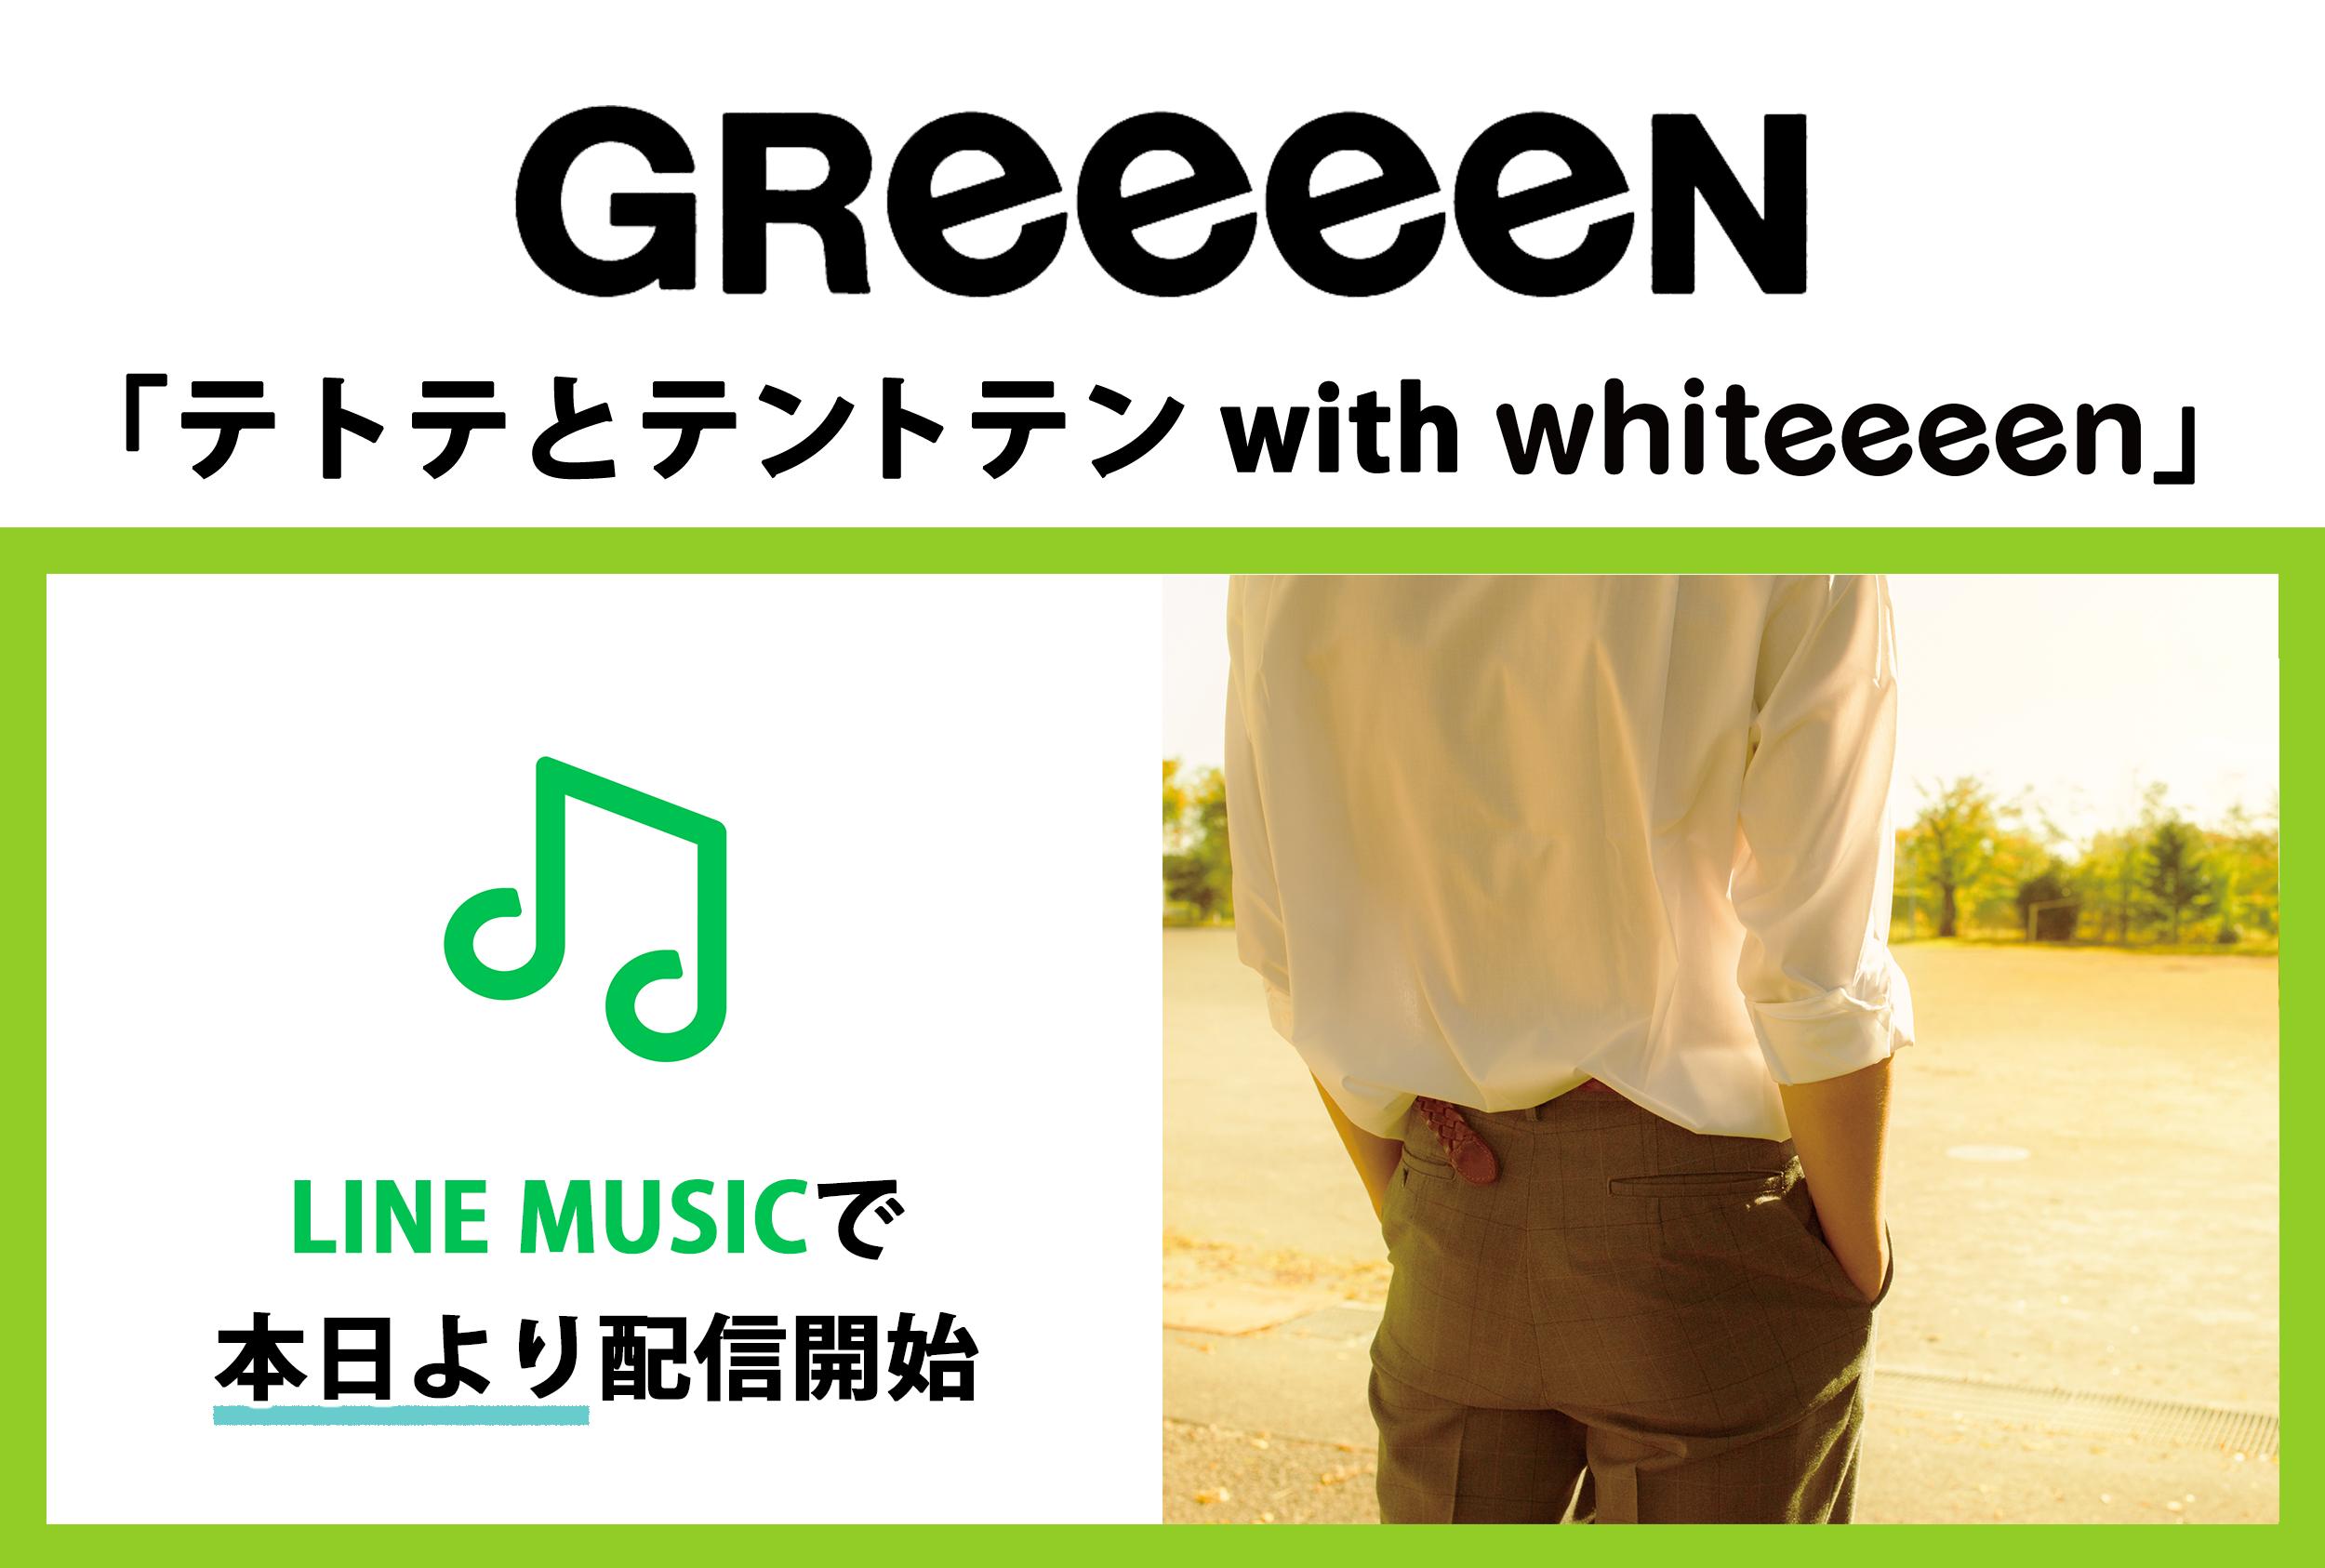 GReeeeN2